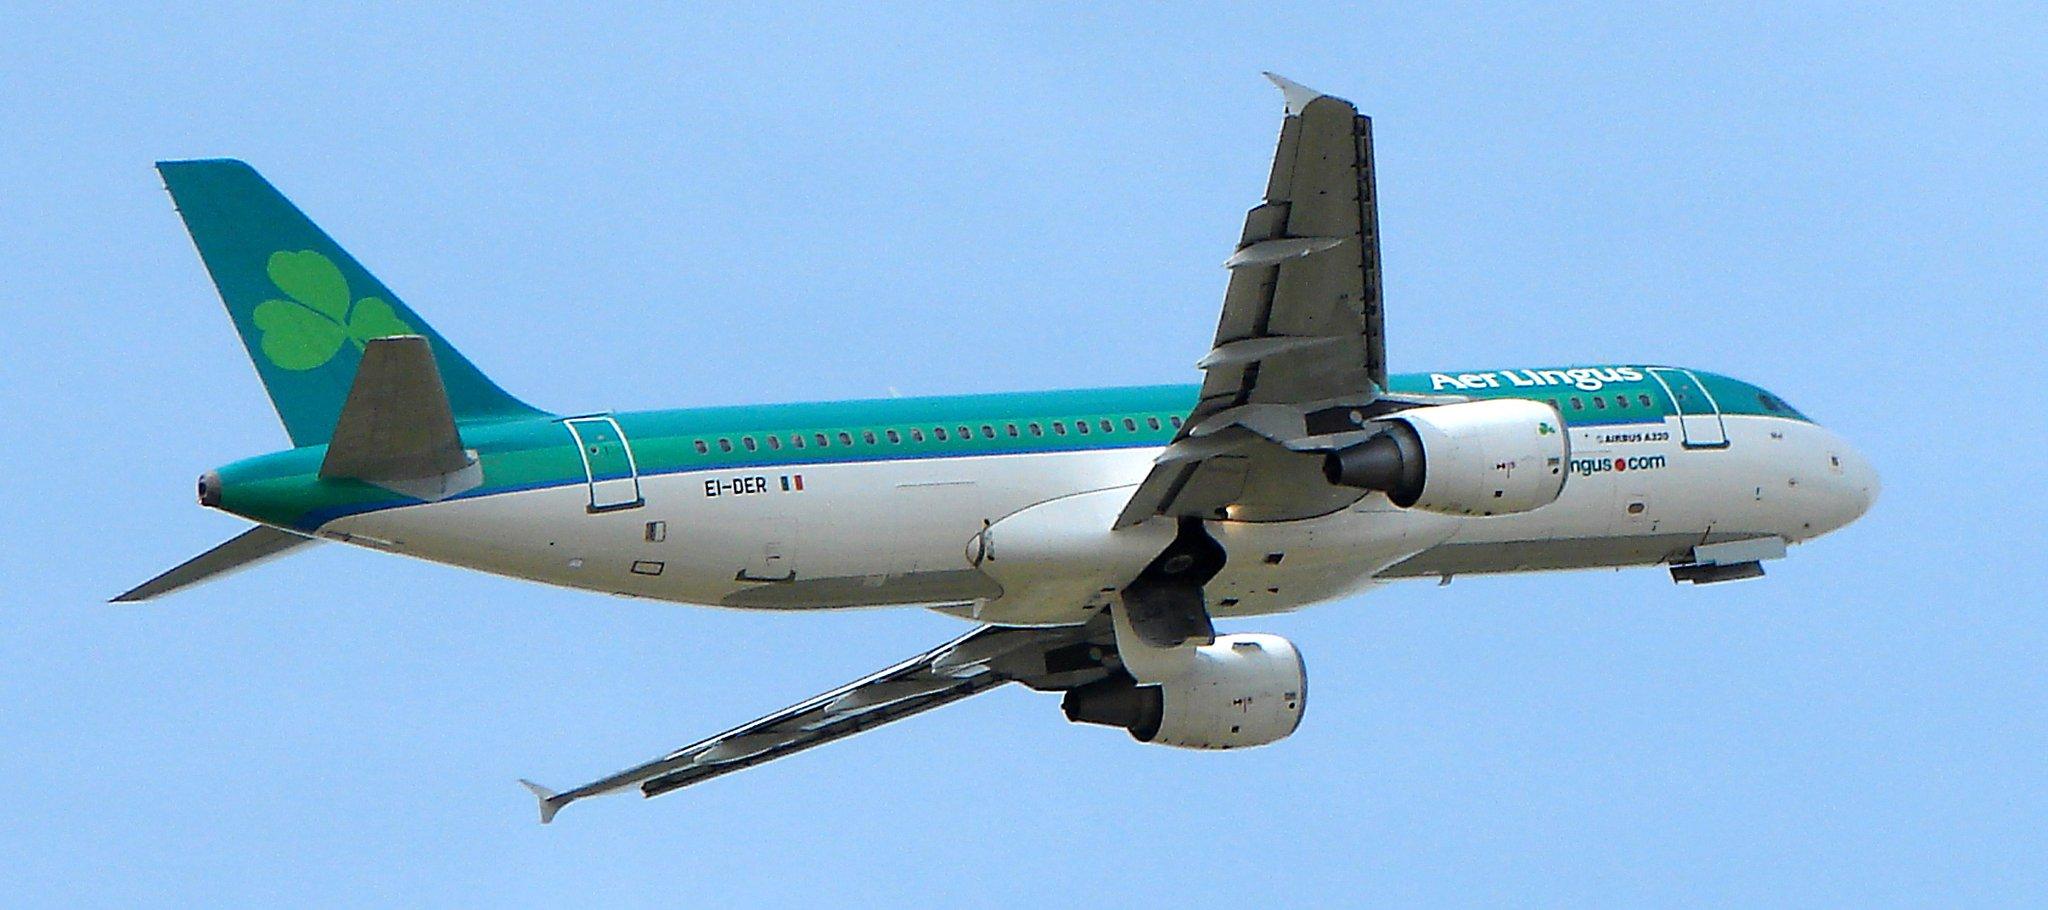 Die irische Aer Lingus bietet heute 50% Rabatt auf alle Flüge zwischen Europa und Irland an. Foto: Christian Maskos